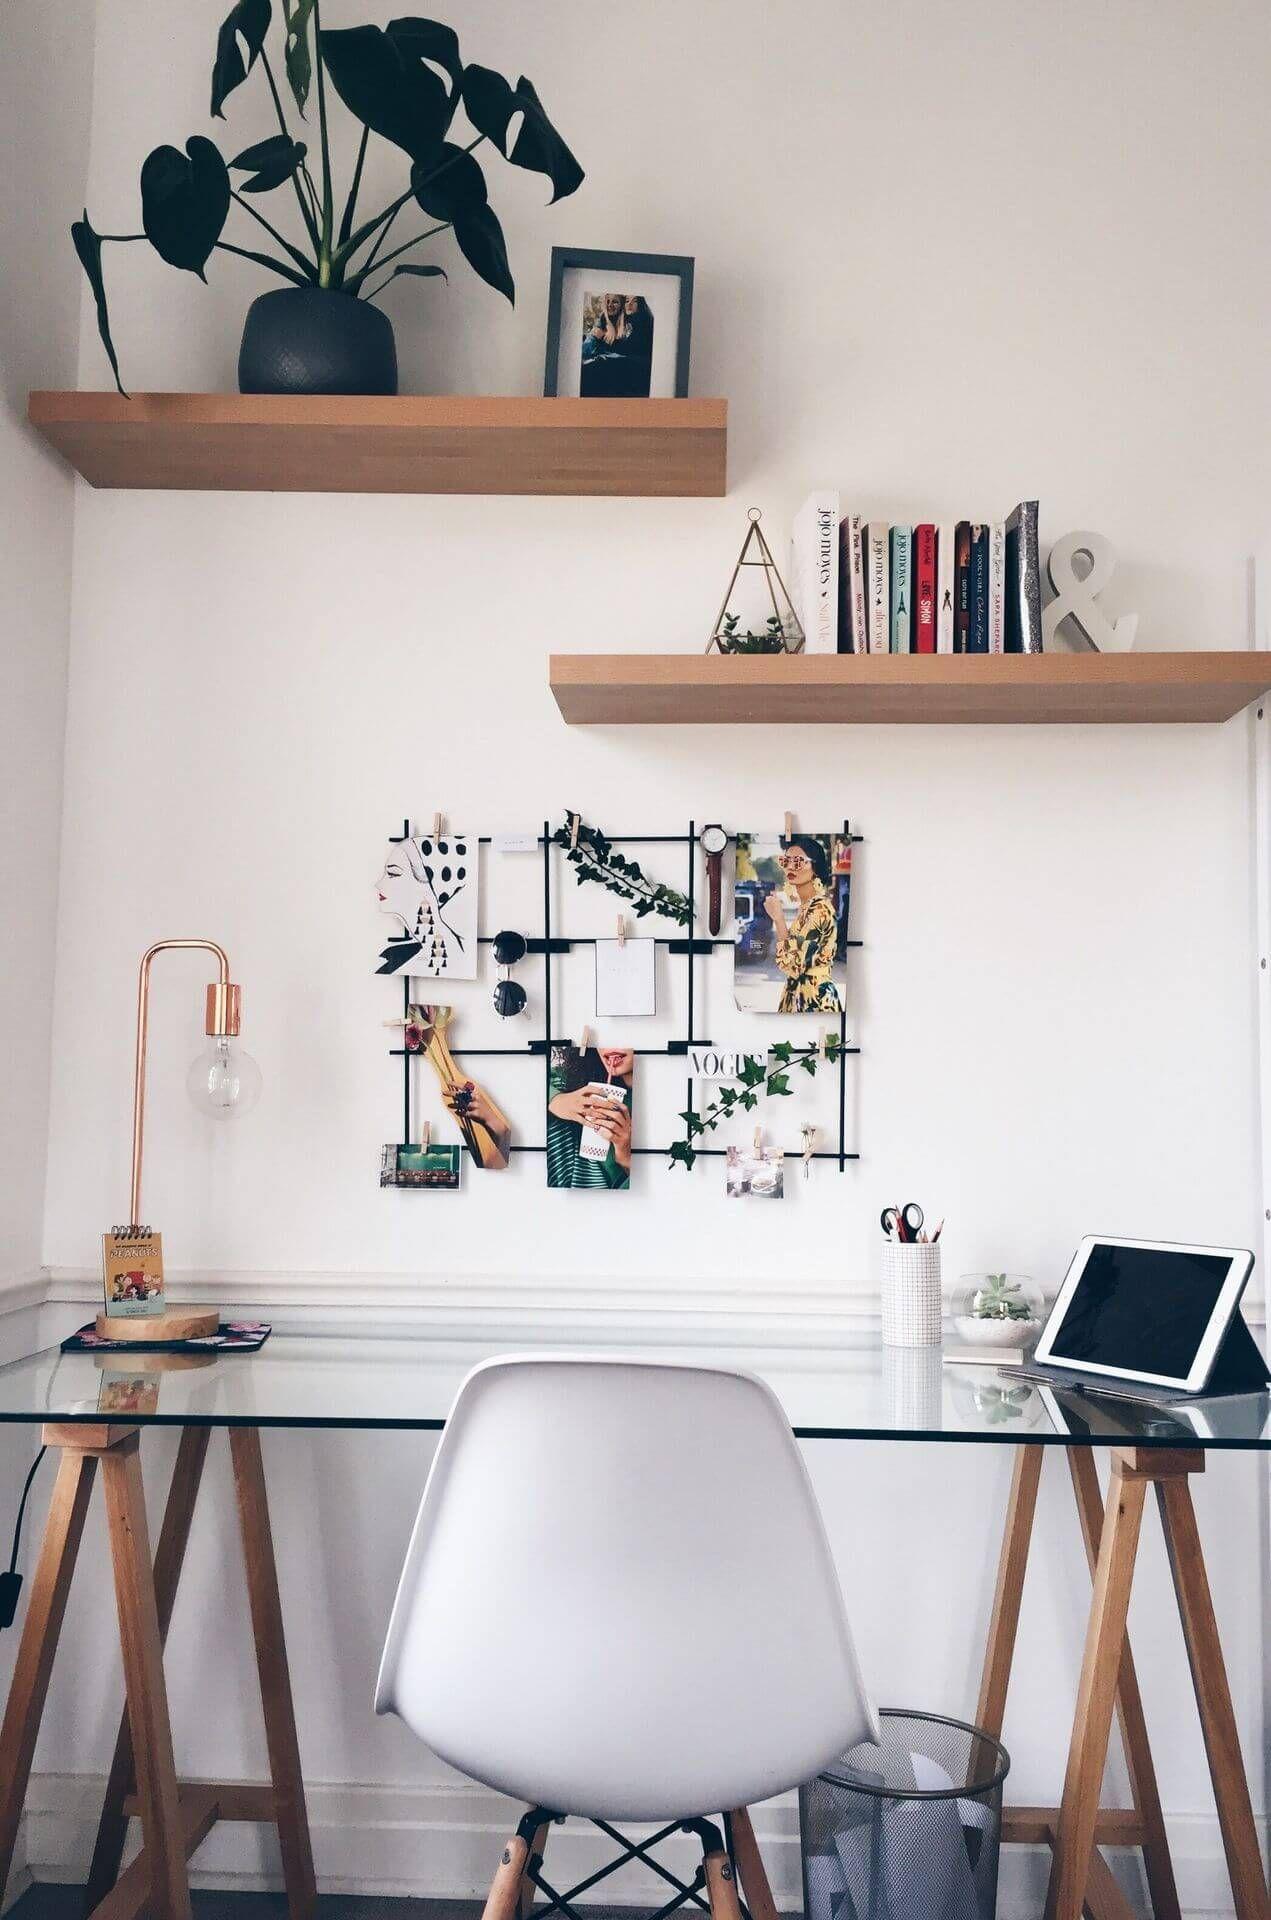 111 home offices mais incríveis do Pinterest - Dec